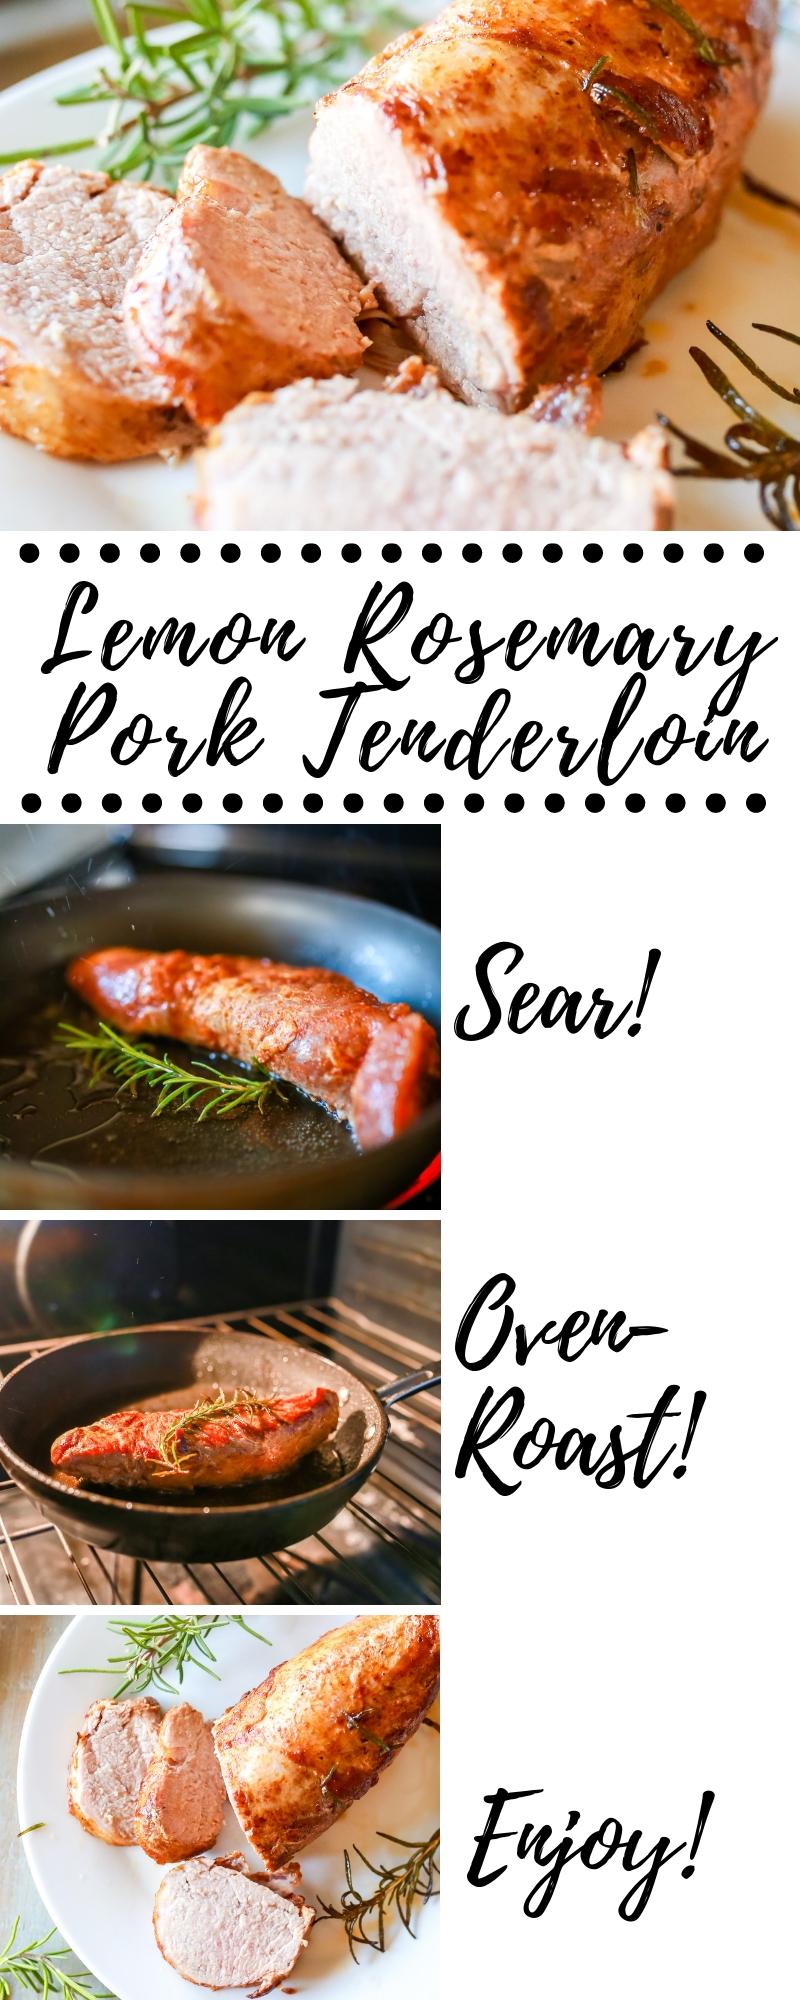 Super easy, flavorful and tender lemon rosemary roasted pork tenderloin recipe!!! So good!